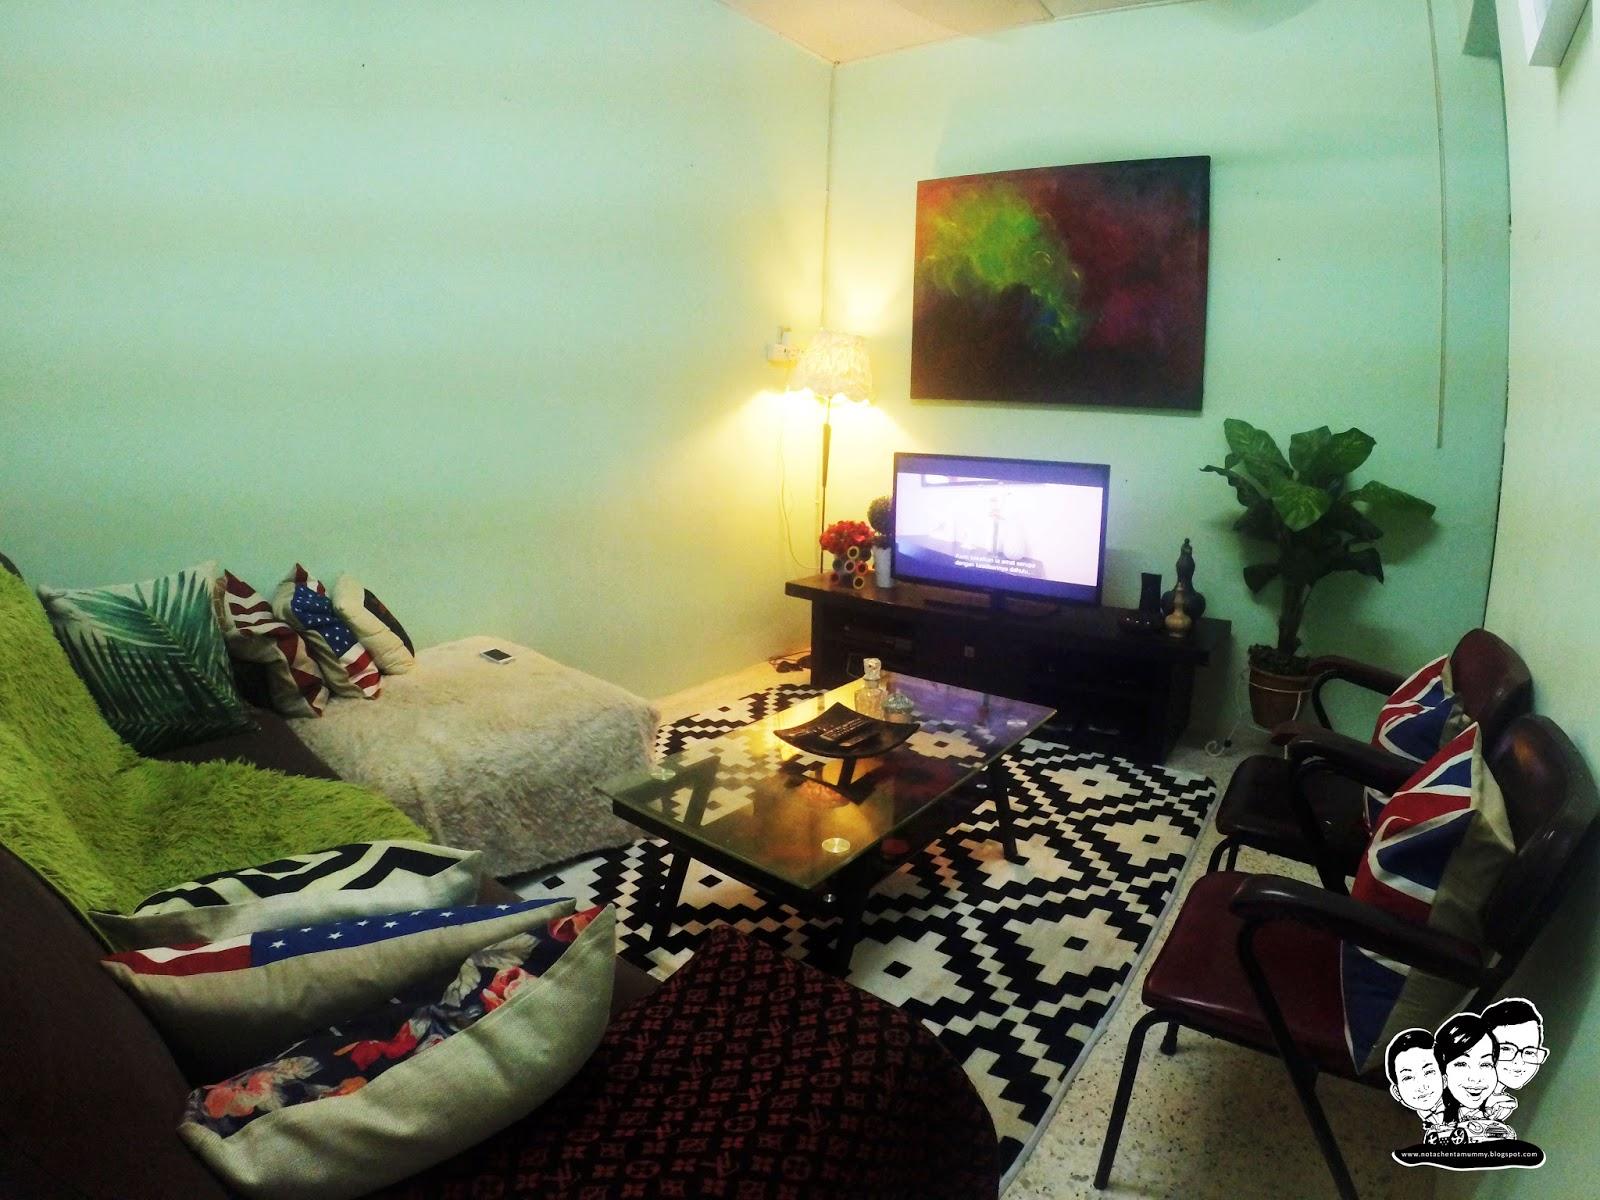 Dinding Ruang Tamu Sebenarnya Tak Perlulah Terlampau Sarat Dengan Pelbagai Gambar Cukup Sekadar Memenuhi Feature Wall Utama Yang Menjadi Tumpuan Penghuni